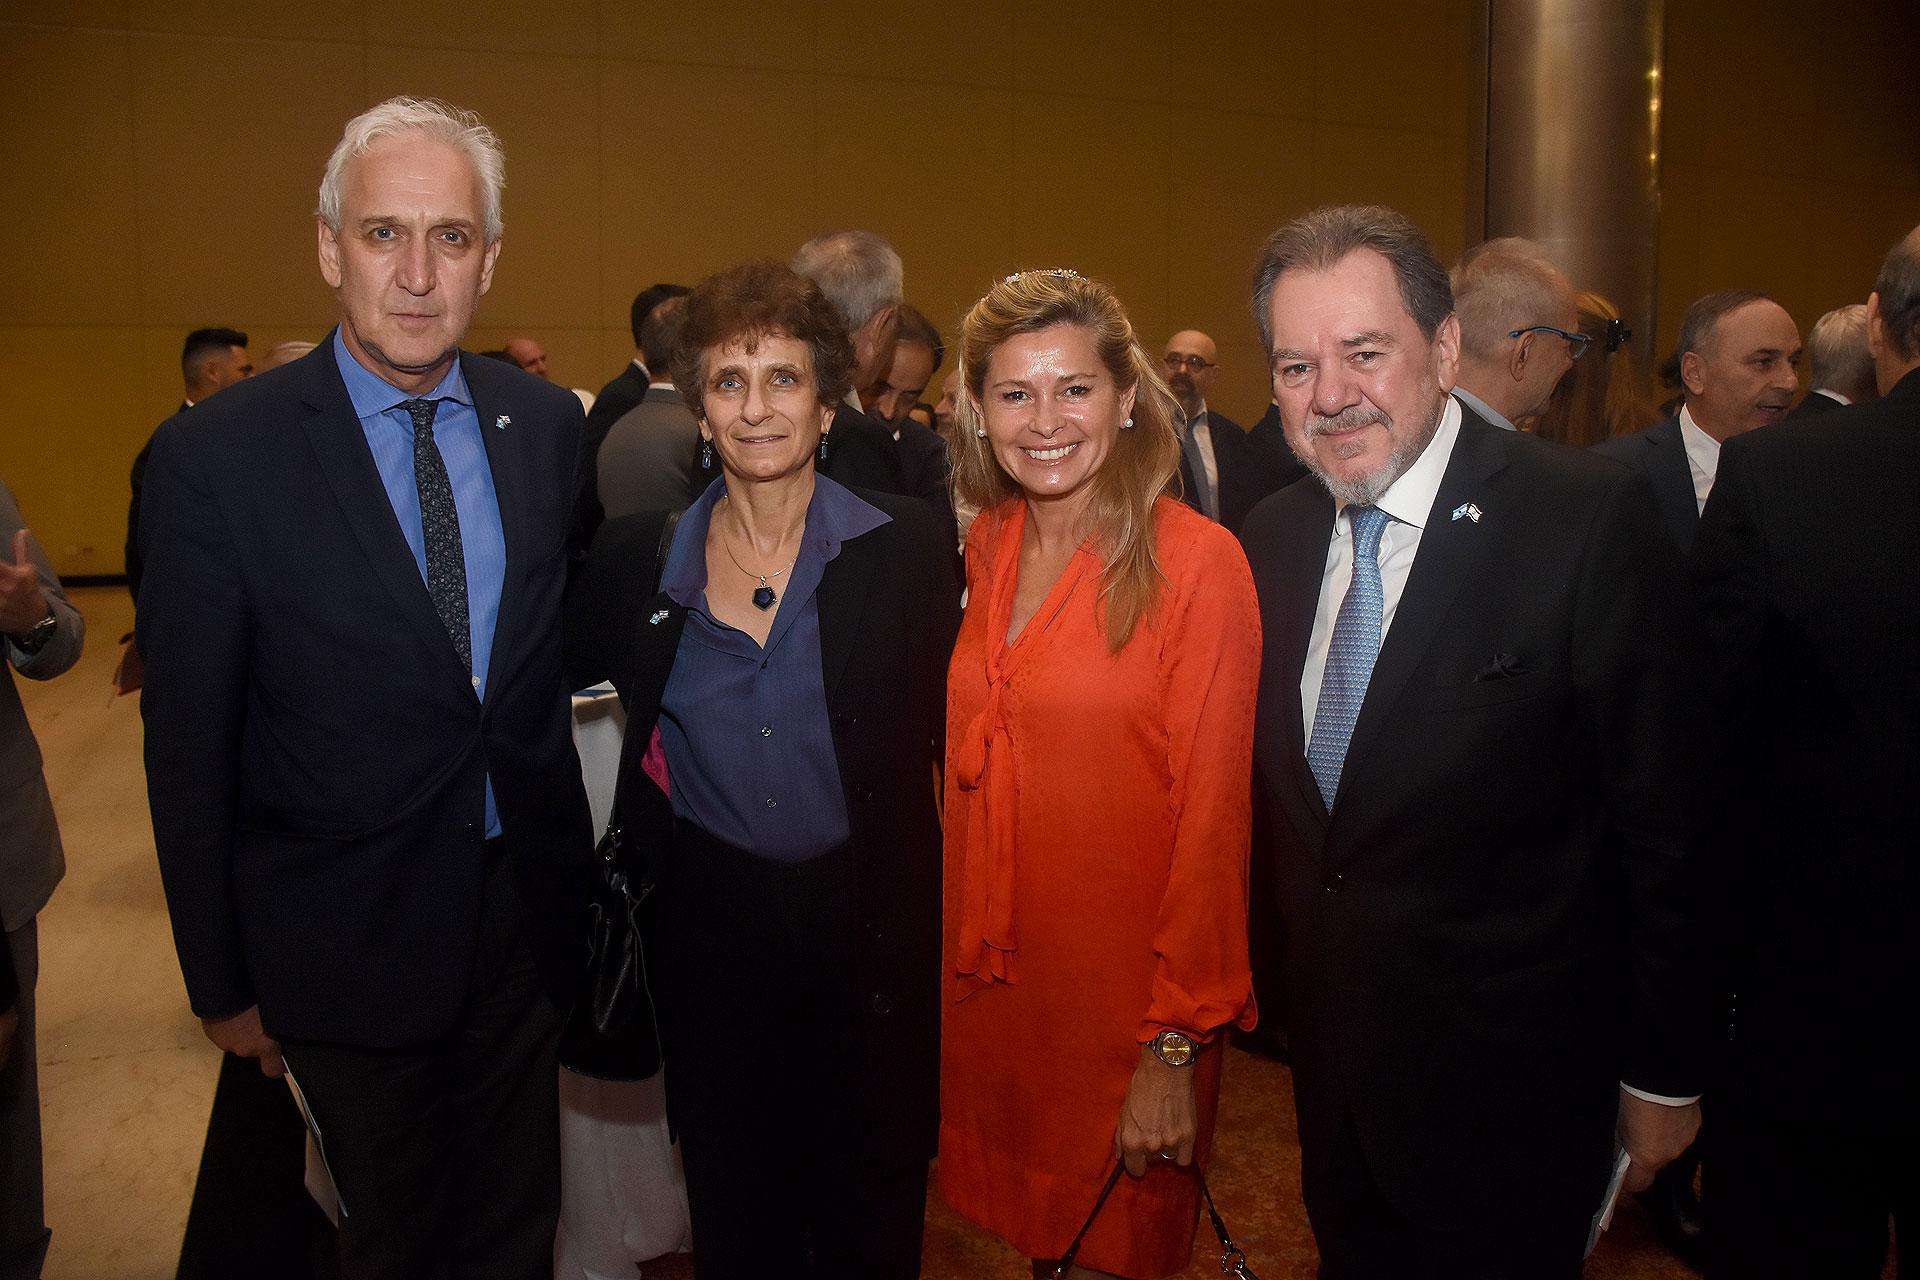 Gabriel Fuks y Galit Ronen junto a la ex senadora nacional María Laura Leguizamón, y Mario Montoto